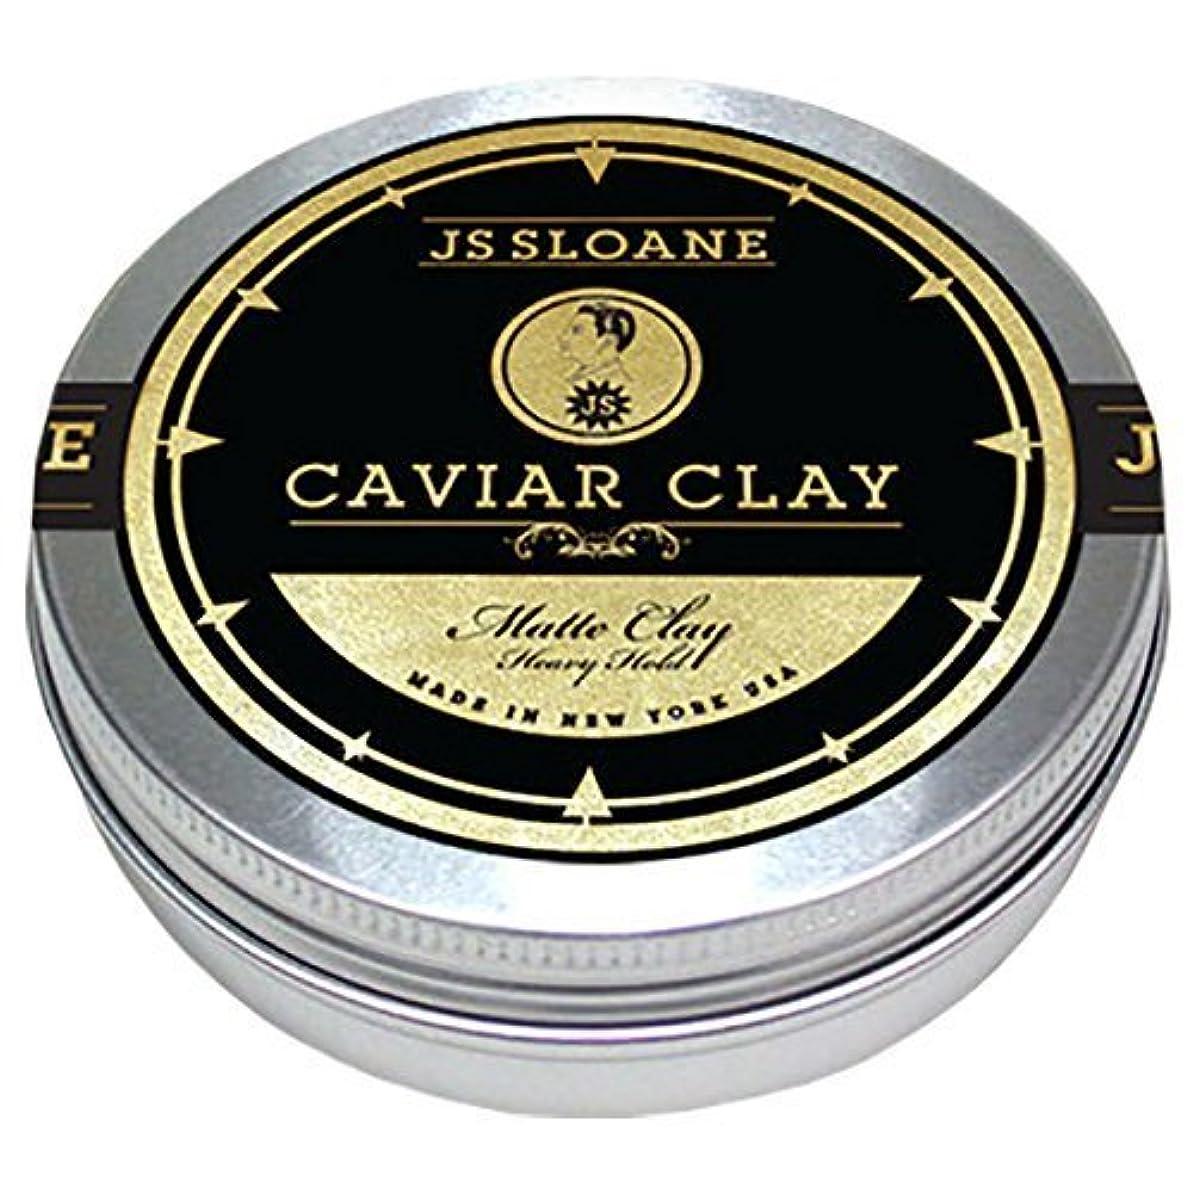 お香ターミナル薄めるJS Sloane, マットクレイポマード, MATTE CLAY POMADE/3.4oz (100g), 水性ポマード(ヘアグリース) 整髪料